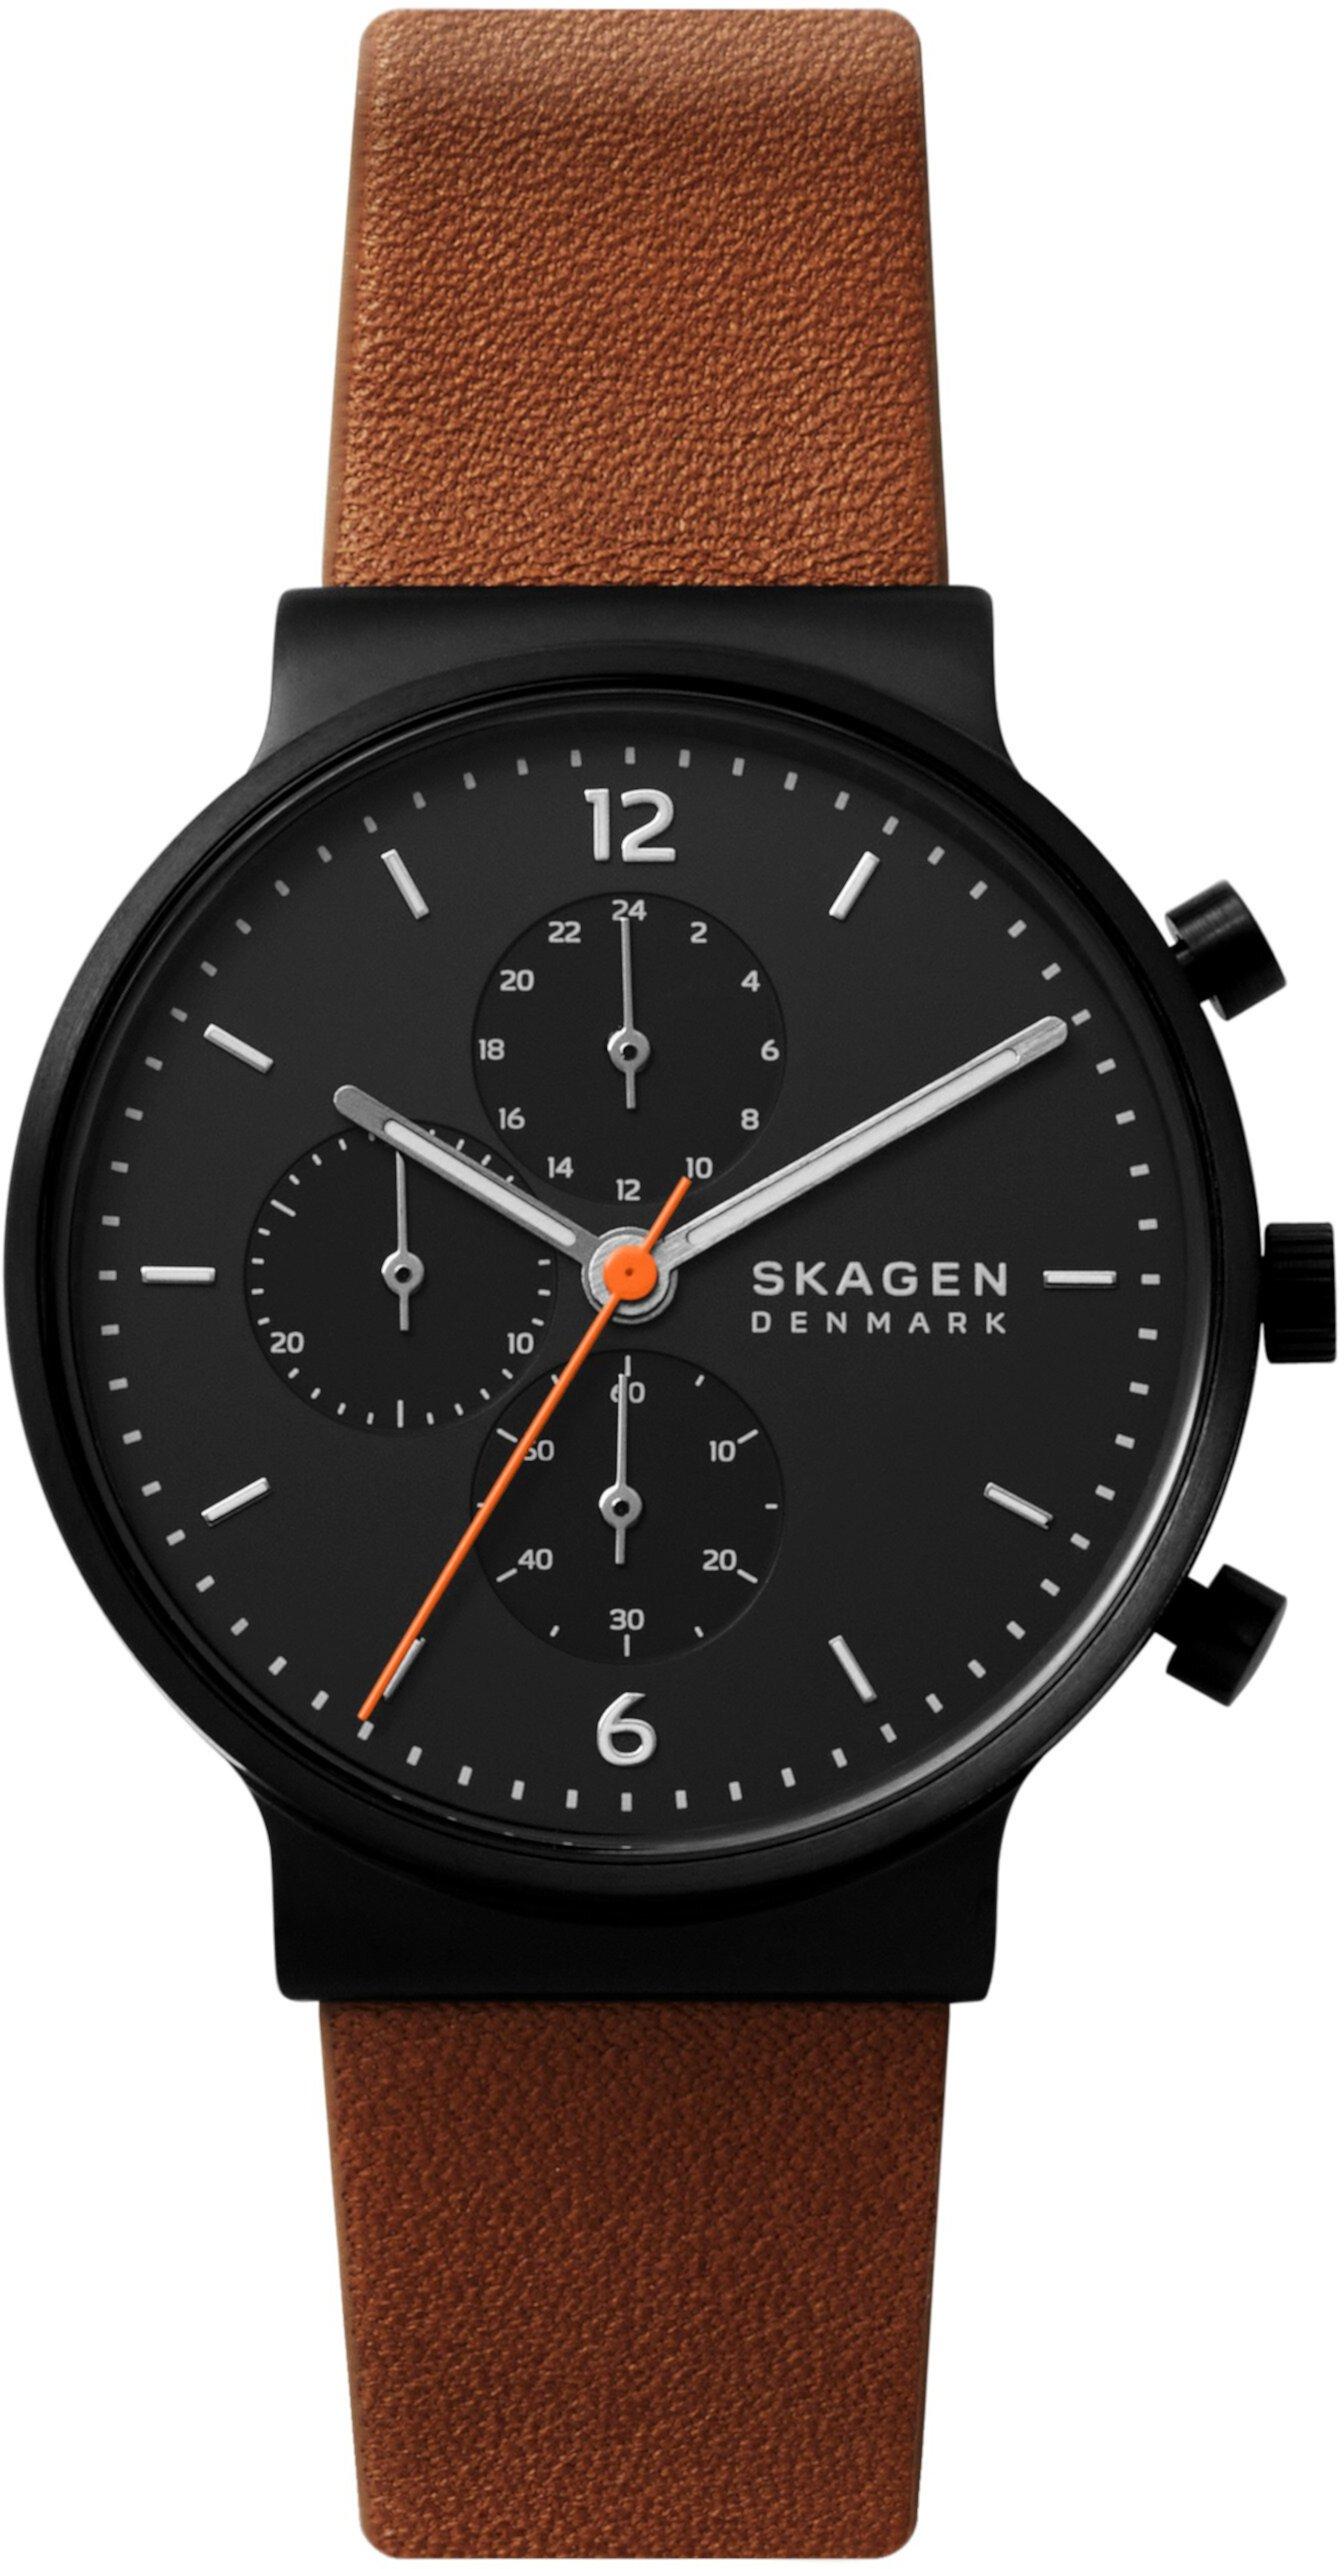 Кожаные часы Ancher с хронографом Skagen